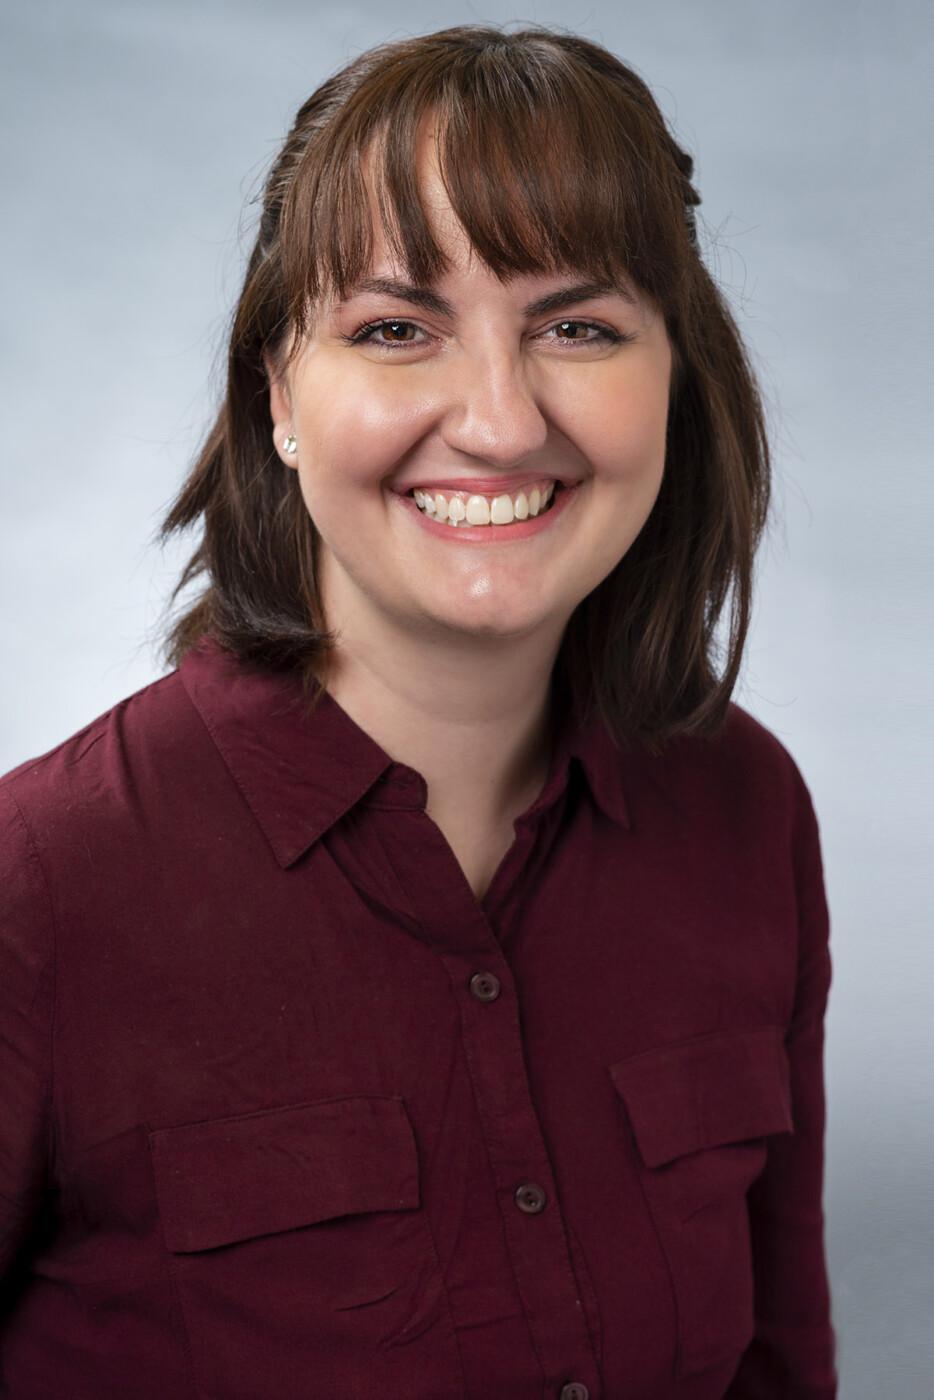 Kelsey Stiglitz